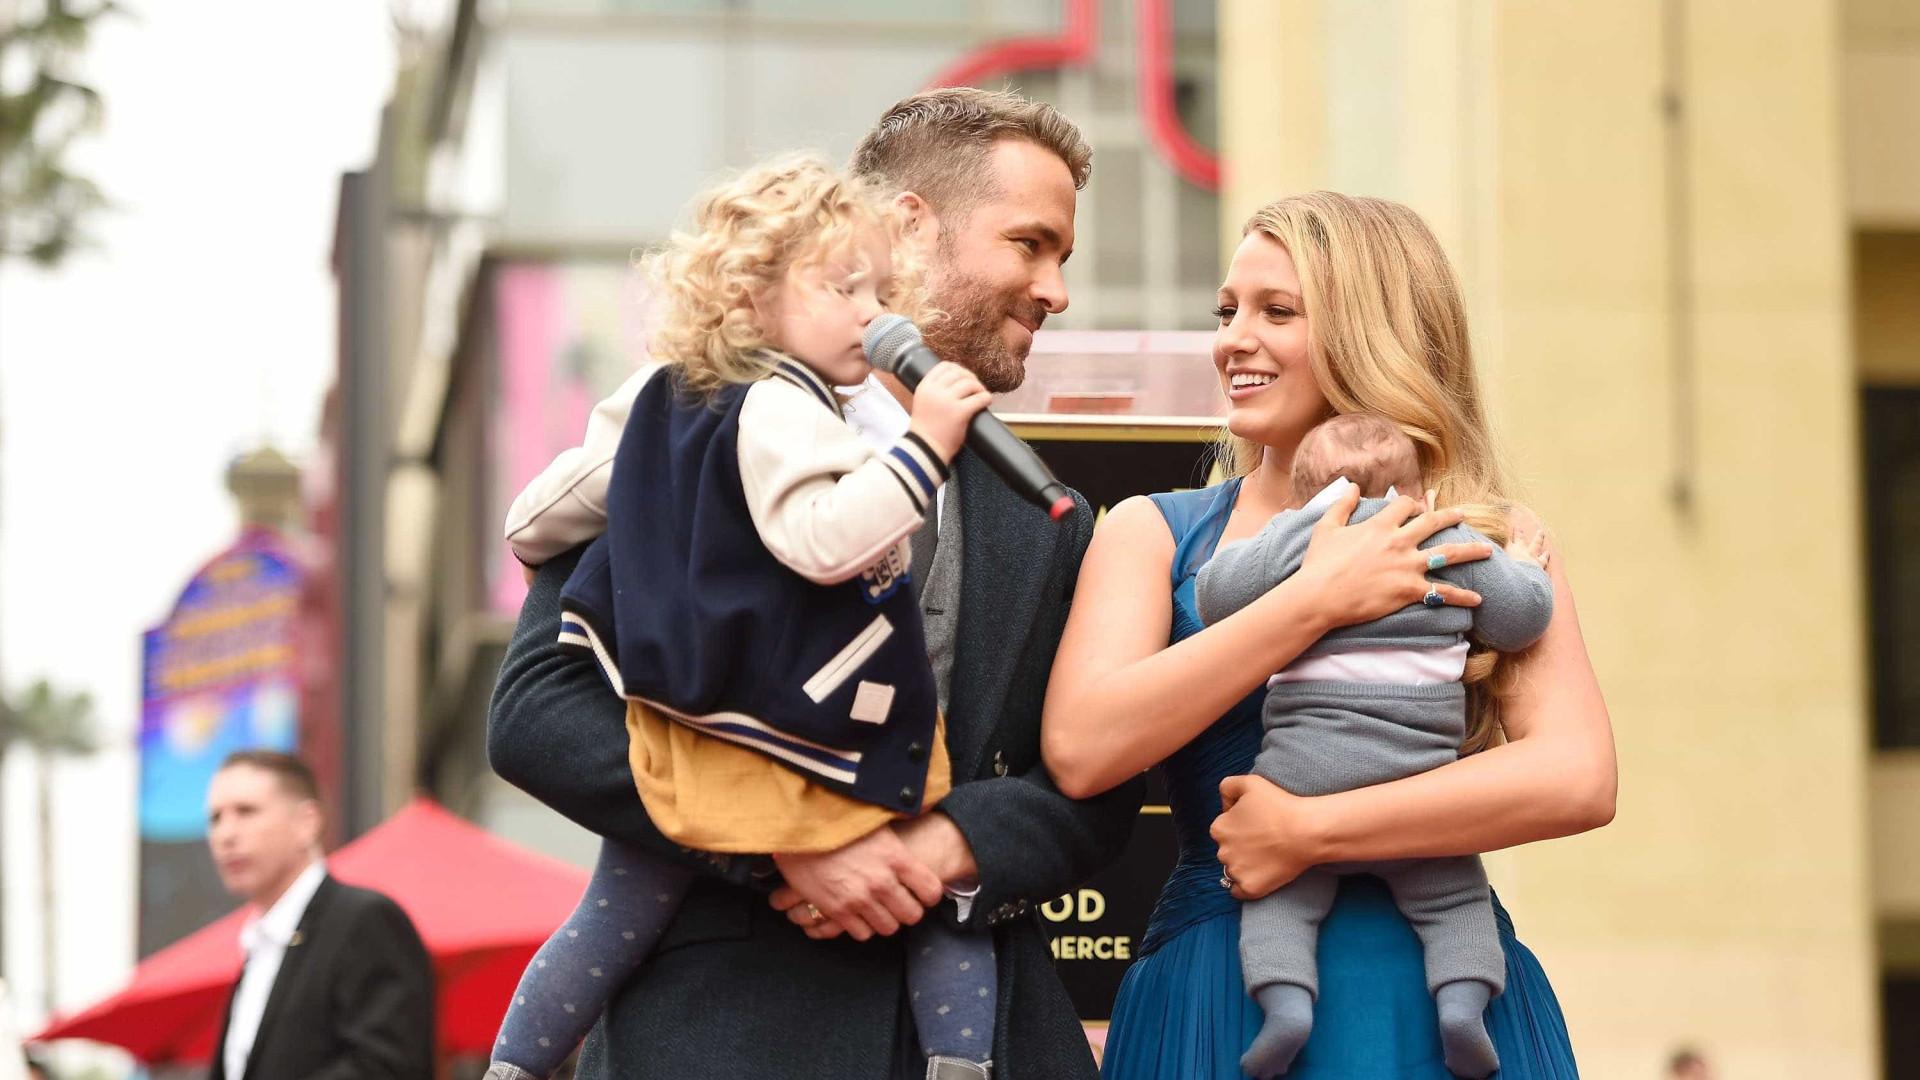 Ryan Reynolds revela 'segredo' para casamento apaixonado com Blake Lively